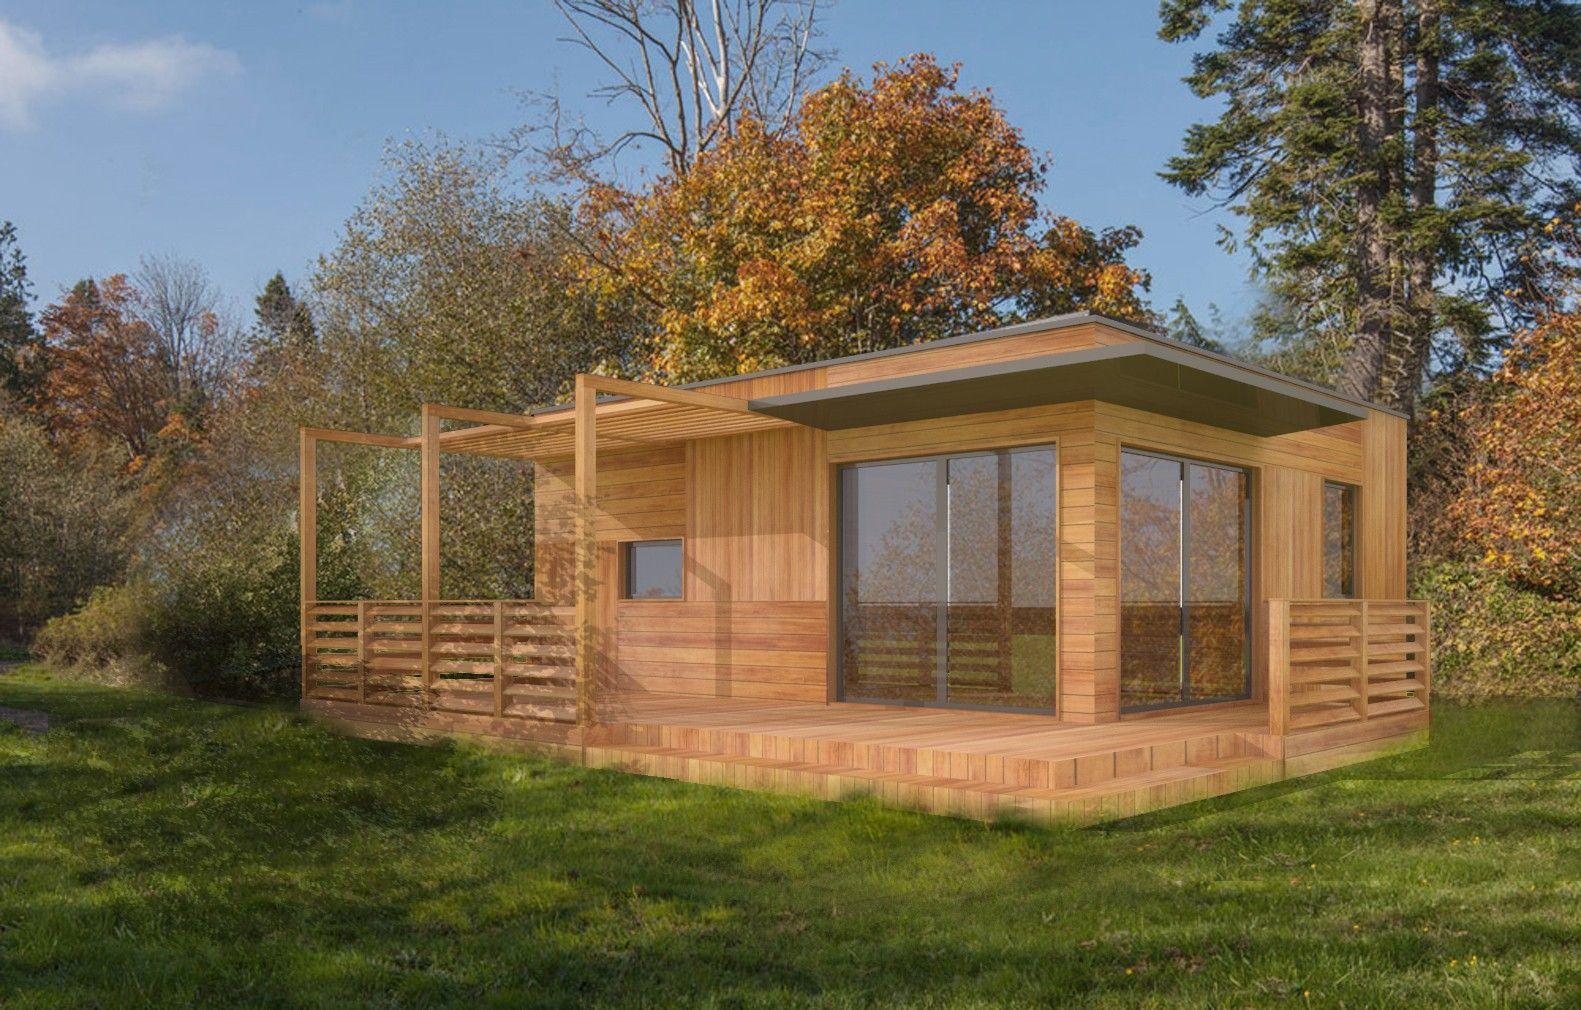 Plan Studio 35M2 Clé En Main | Chalet En Bois Habitable ... serapportantà Chalet Habitable 30M2